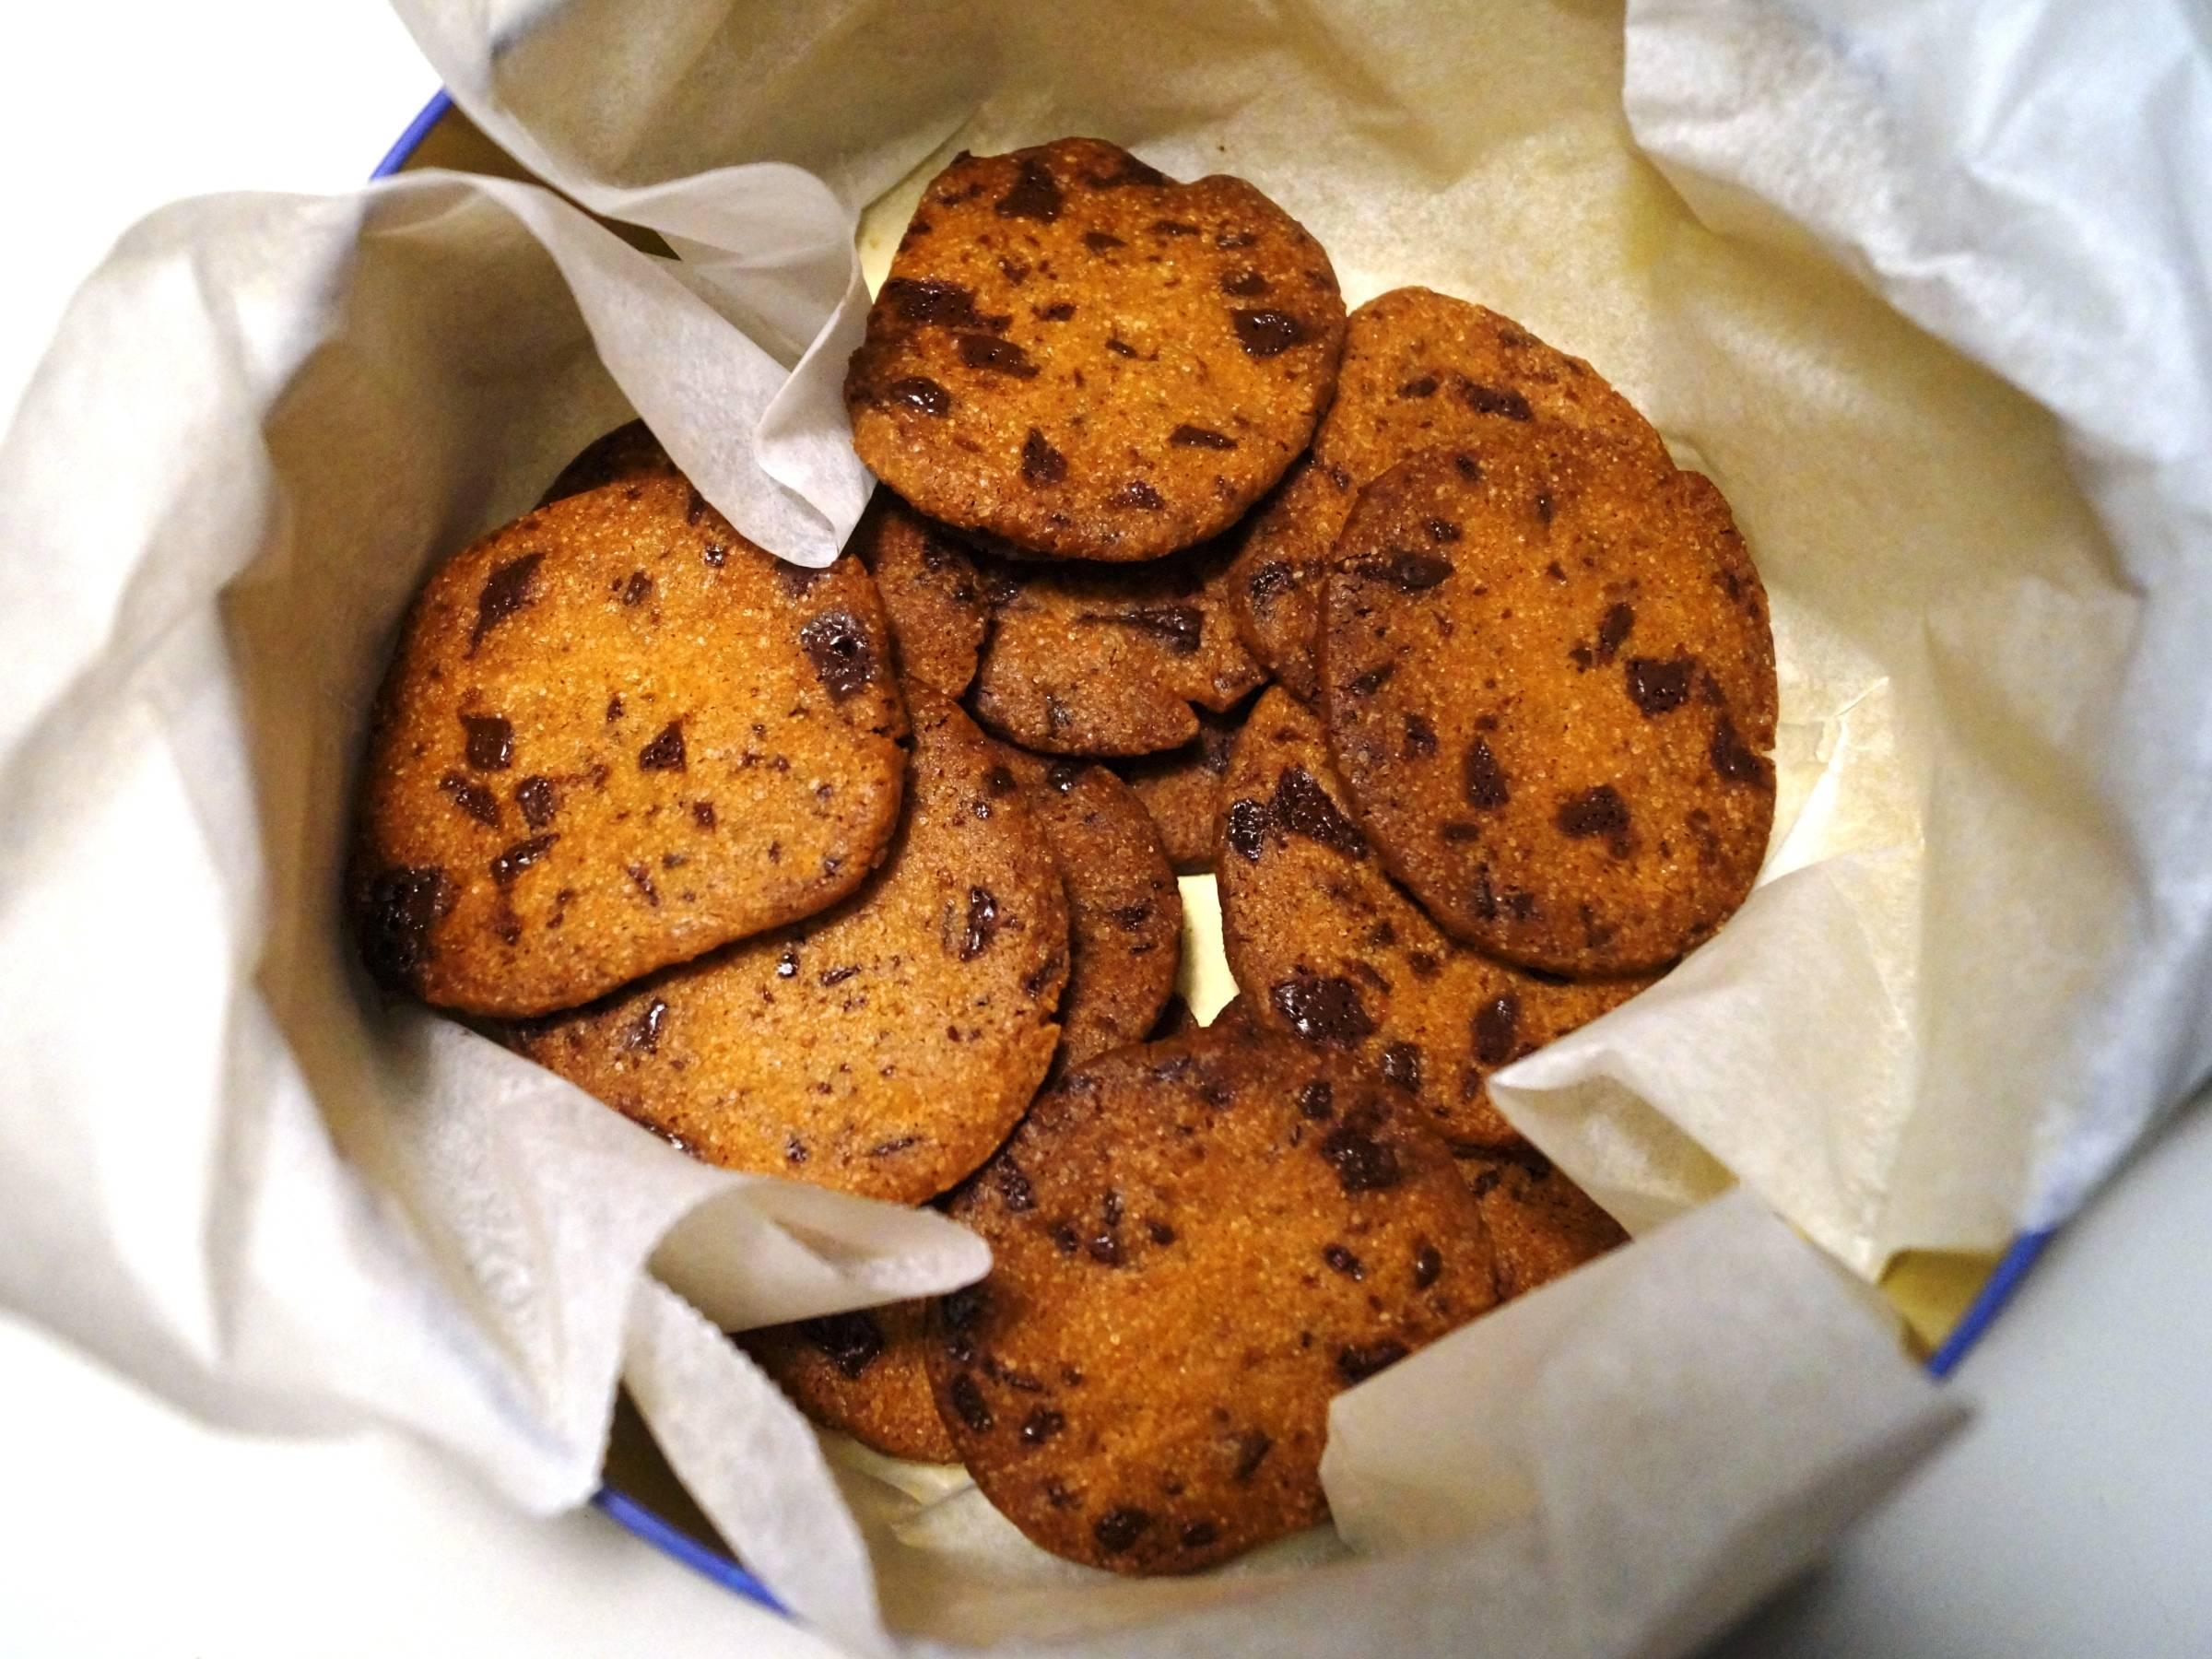 Cookies med chokolade i kagedåse